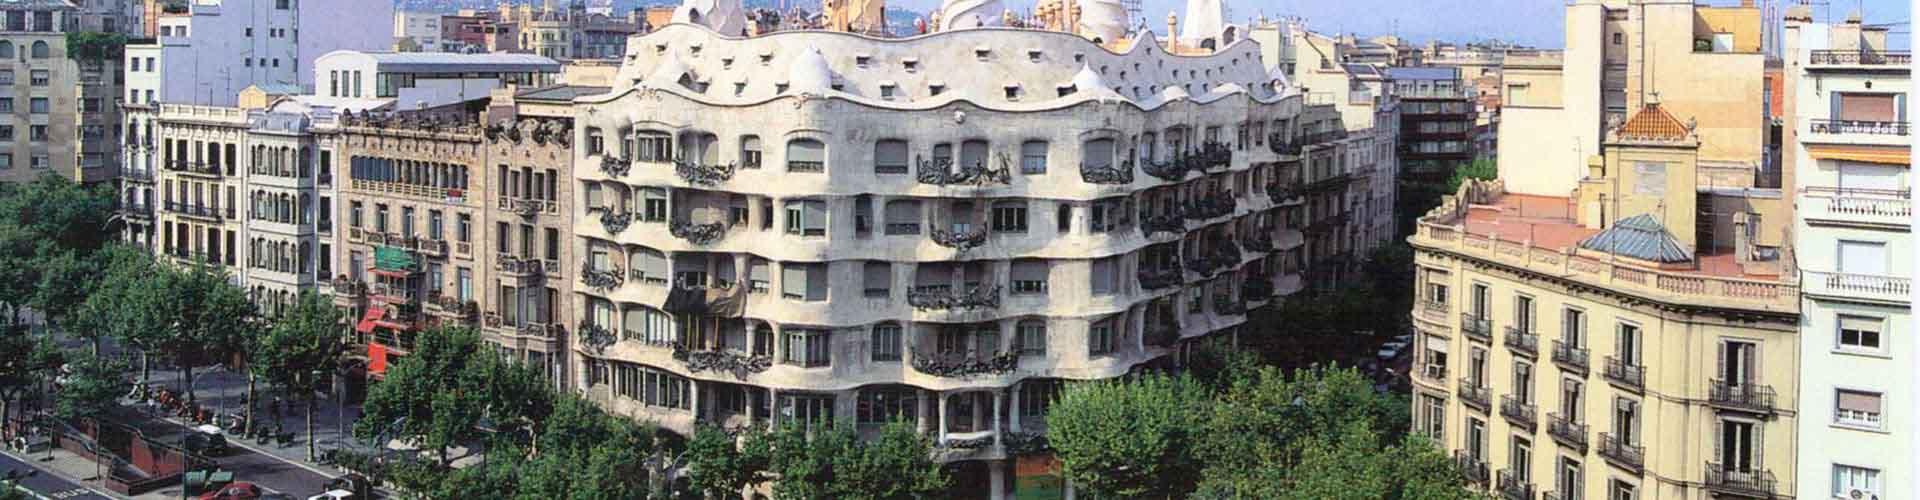 Barcelone - Chambres près de Casa Milà. Cartes pour Barcelone, photos et commentaires pour chaque chambre à Barcelone.